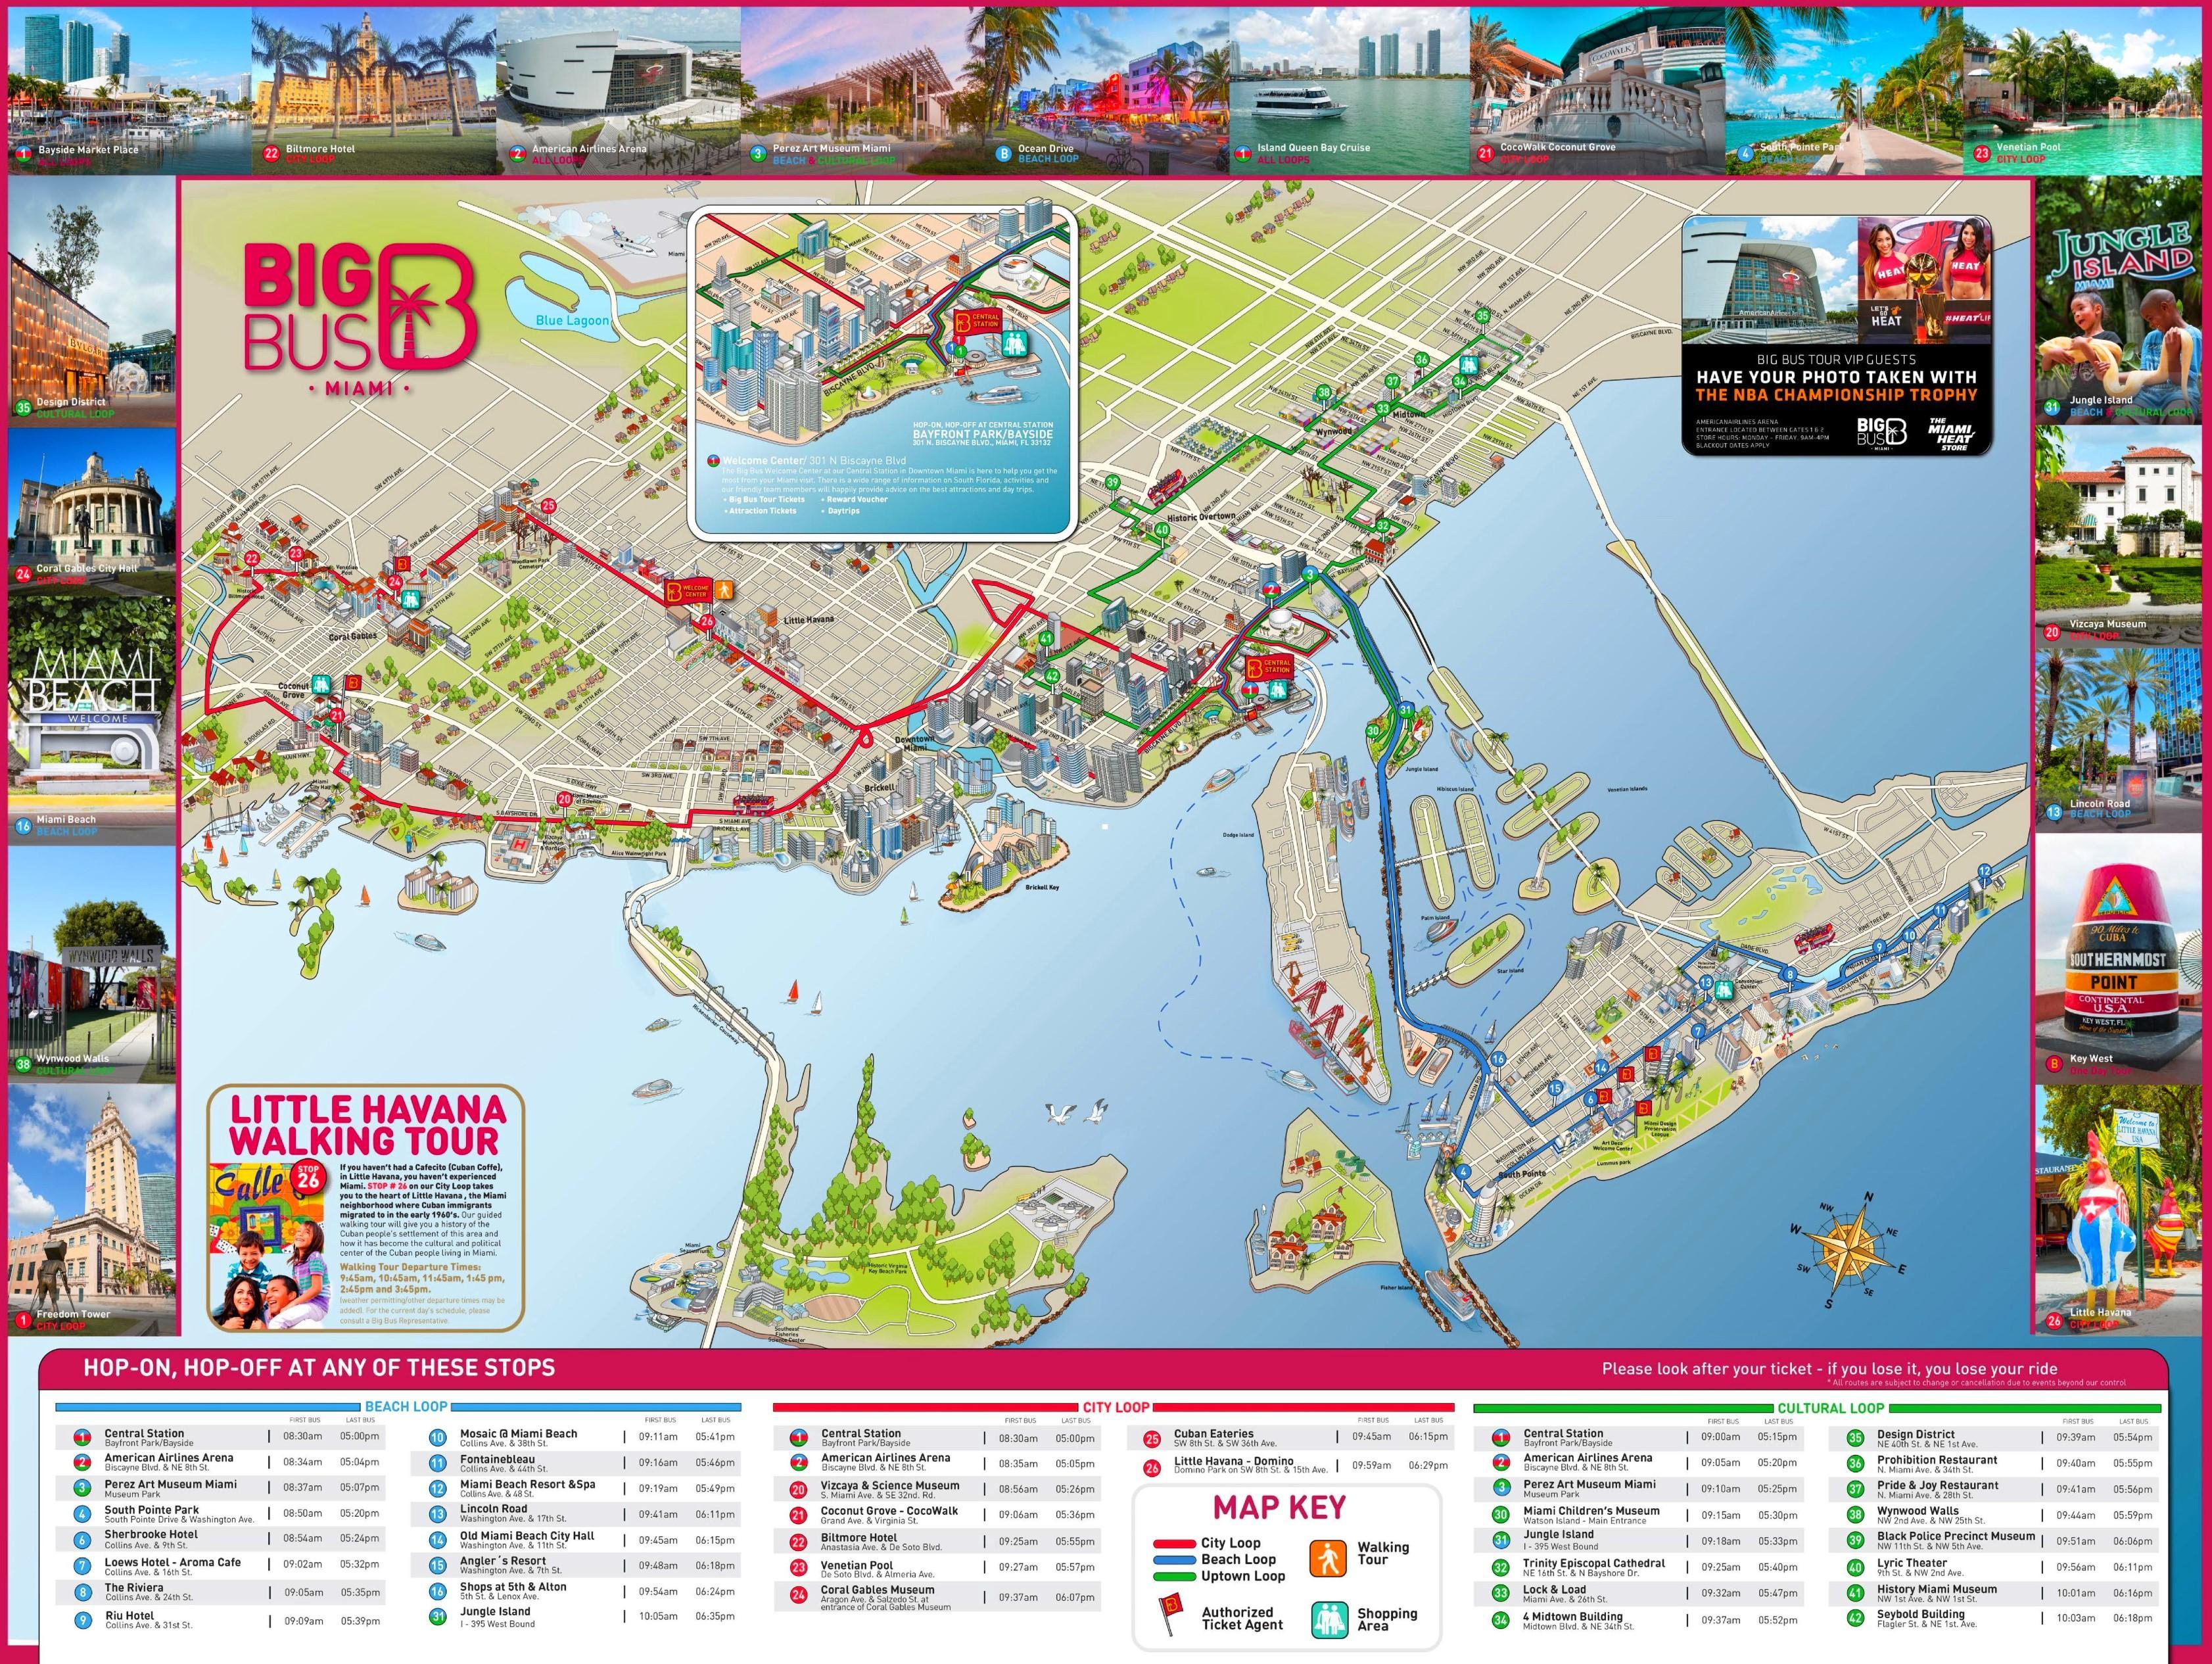 miami karta Miami sightseeing karta   City sightseeing Miami karta (Florida, USA) miami karta